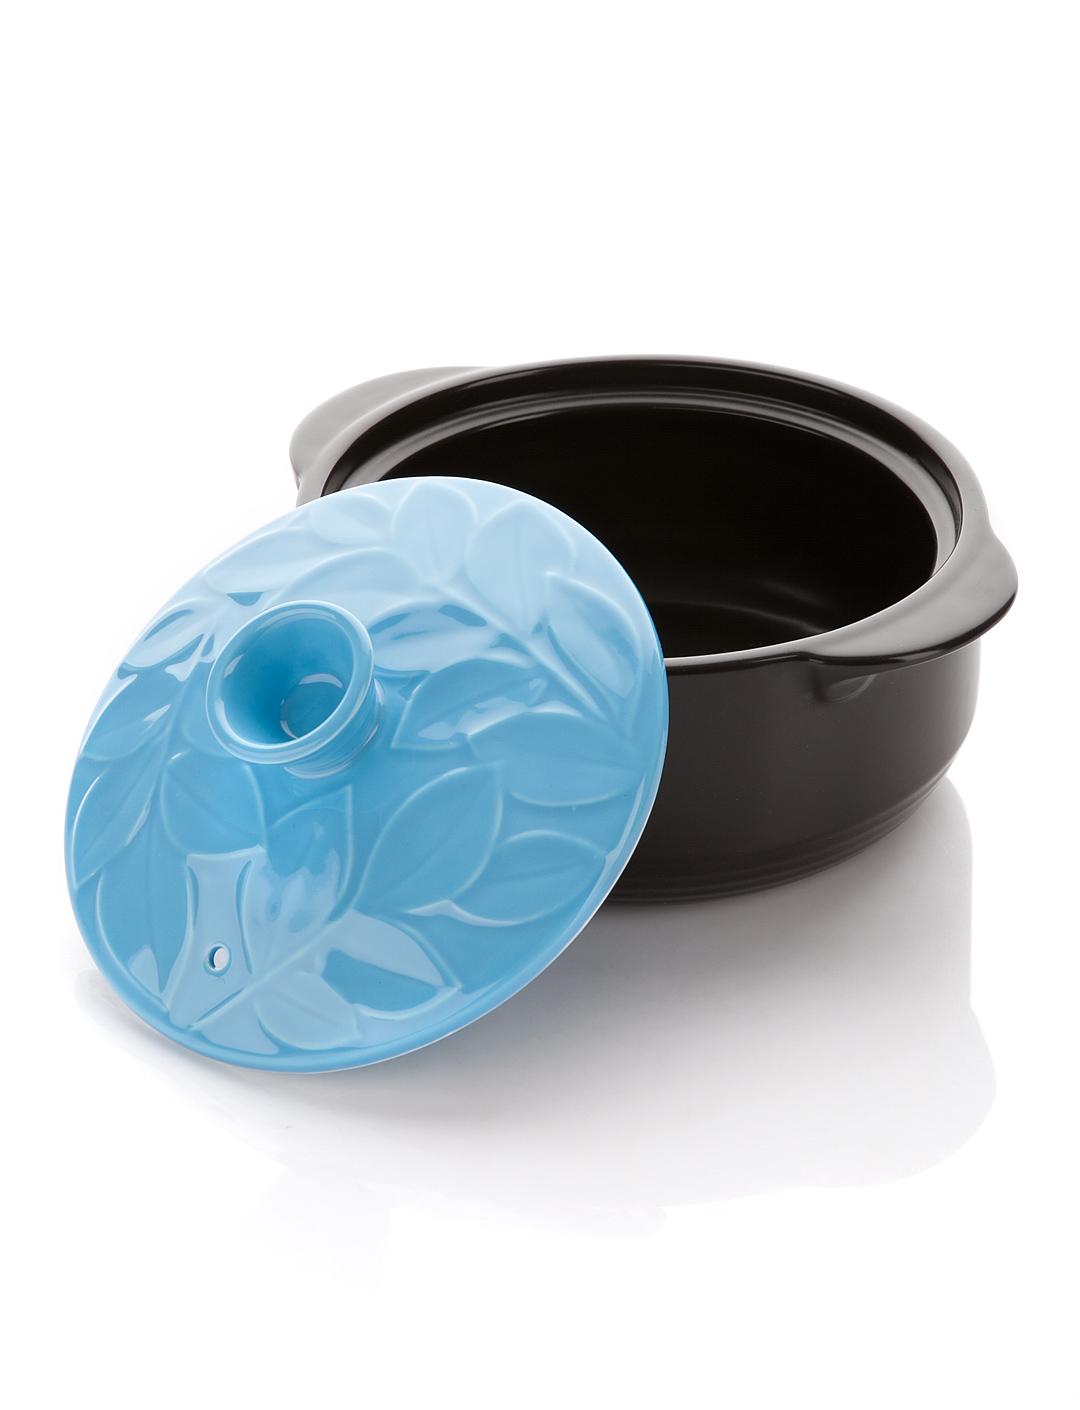 Кастрюля керамическая Hans & Gretchen с крышкой, цвет: голубой, 1,6 л12NF-B18Кастрюля Hans & Gretchen изготовлена из экологически чистой жаропрочной керамики. Керамическая крышка кастрюли оснащена отверстием для выпуска пара. Кастрюля равномерно нагревает блюдо, долго сохраняя тепло и не выделяя абсолютно никаких примесей в пищу. Кастрюля не искажает, а даже усиливает вкус пищи. Крышка изделия оформлена рельефным изображением листьев. Превосходно служит для замораживания продуктов в холодильнике (до -20°С). Кастрюля устойчива к химическим и механическим воздействиям. Благодаря толстым стенкам изделие нагревается равномерно.Кастрюля Hans & Gretchen прекрасно подойдет для запекания и тушения овощей, мяса и других блюд, а оригинальный дизайн и яркое оформление украсят ваш стол.Можно мыть в посудомоечной машине. Кастрюля предназначена для использования на газовой и электрической плитах, в духовке и микроволновой печи. Не подходит для индукционных плит. Высота стенки: 8,5 см.Ширина кастрюли (с учетом ручек): 23 см.Толщина дна: 5 мм.Толщина стенки: 5 мм.